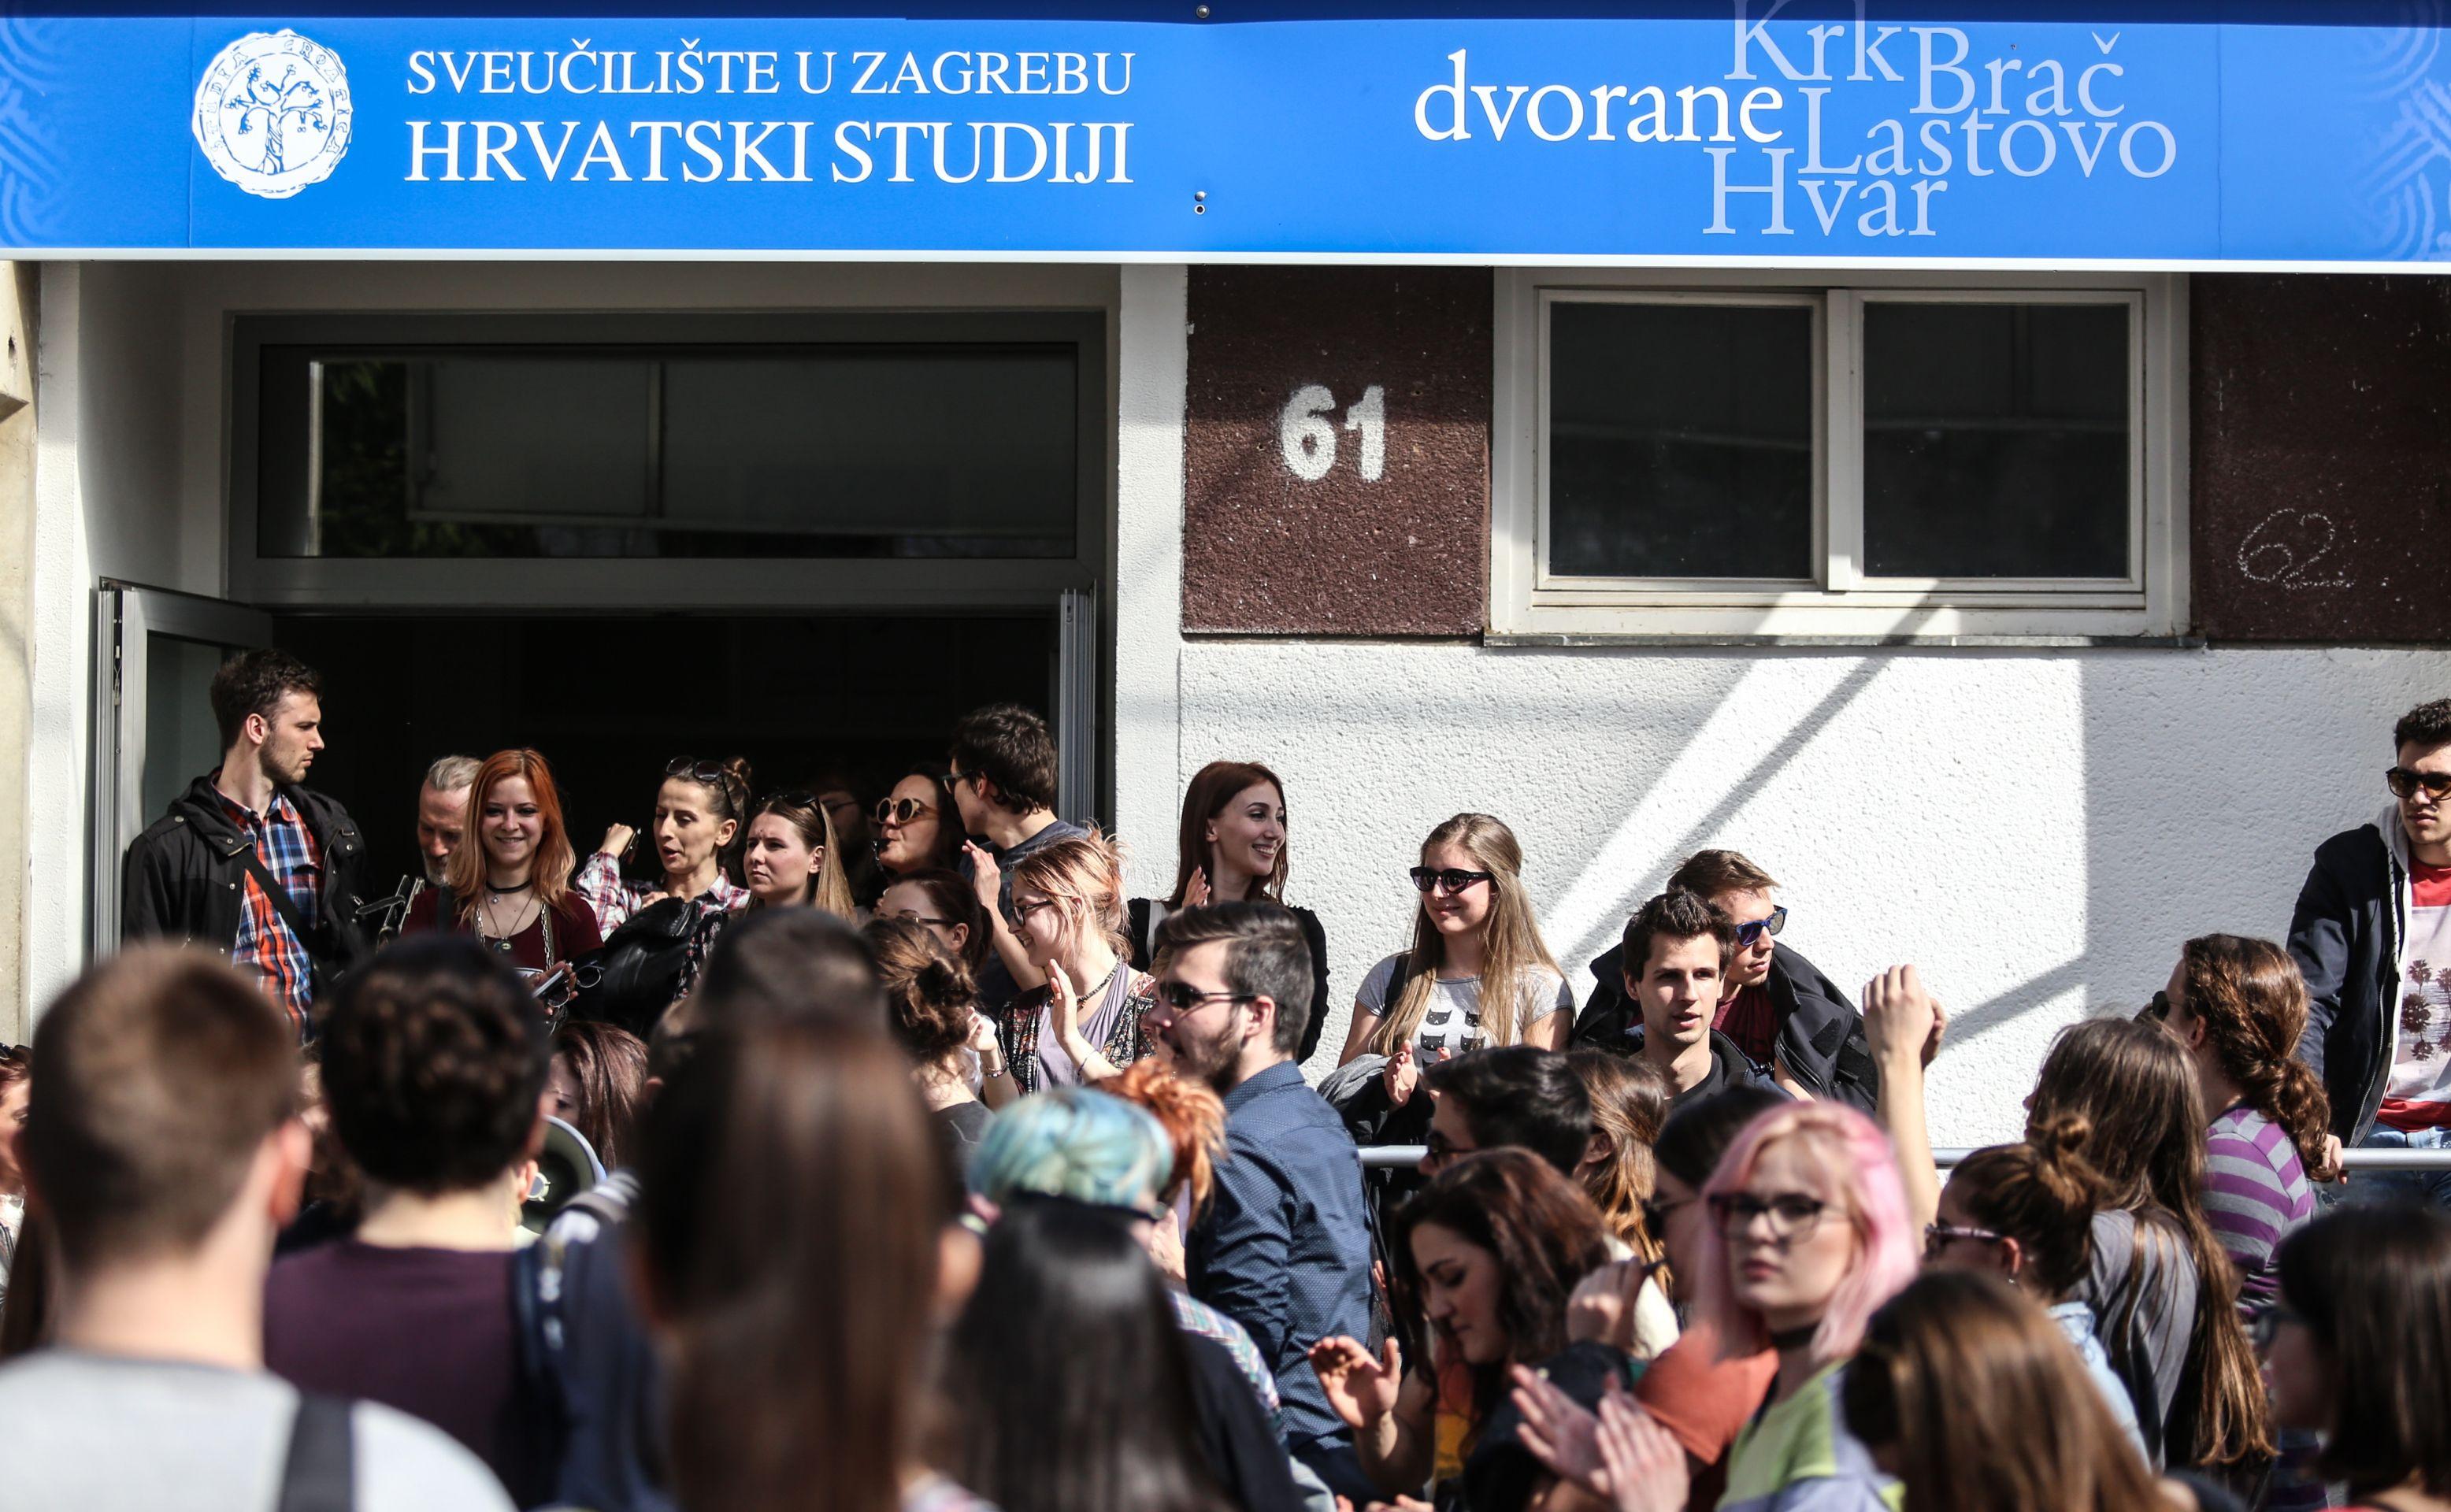 Profesori Hrvatskih studija članovi Sindikata znanosti i visokog obrazovanja stupili u štrajk